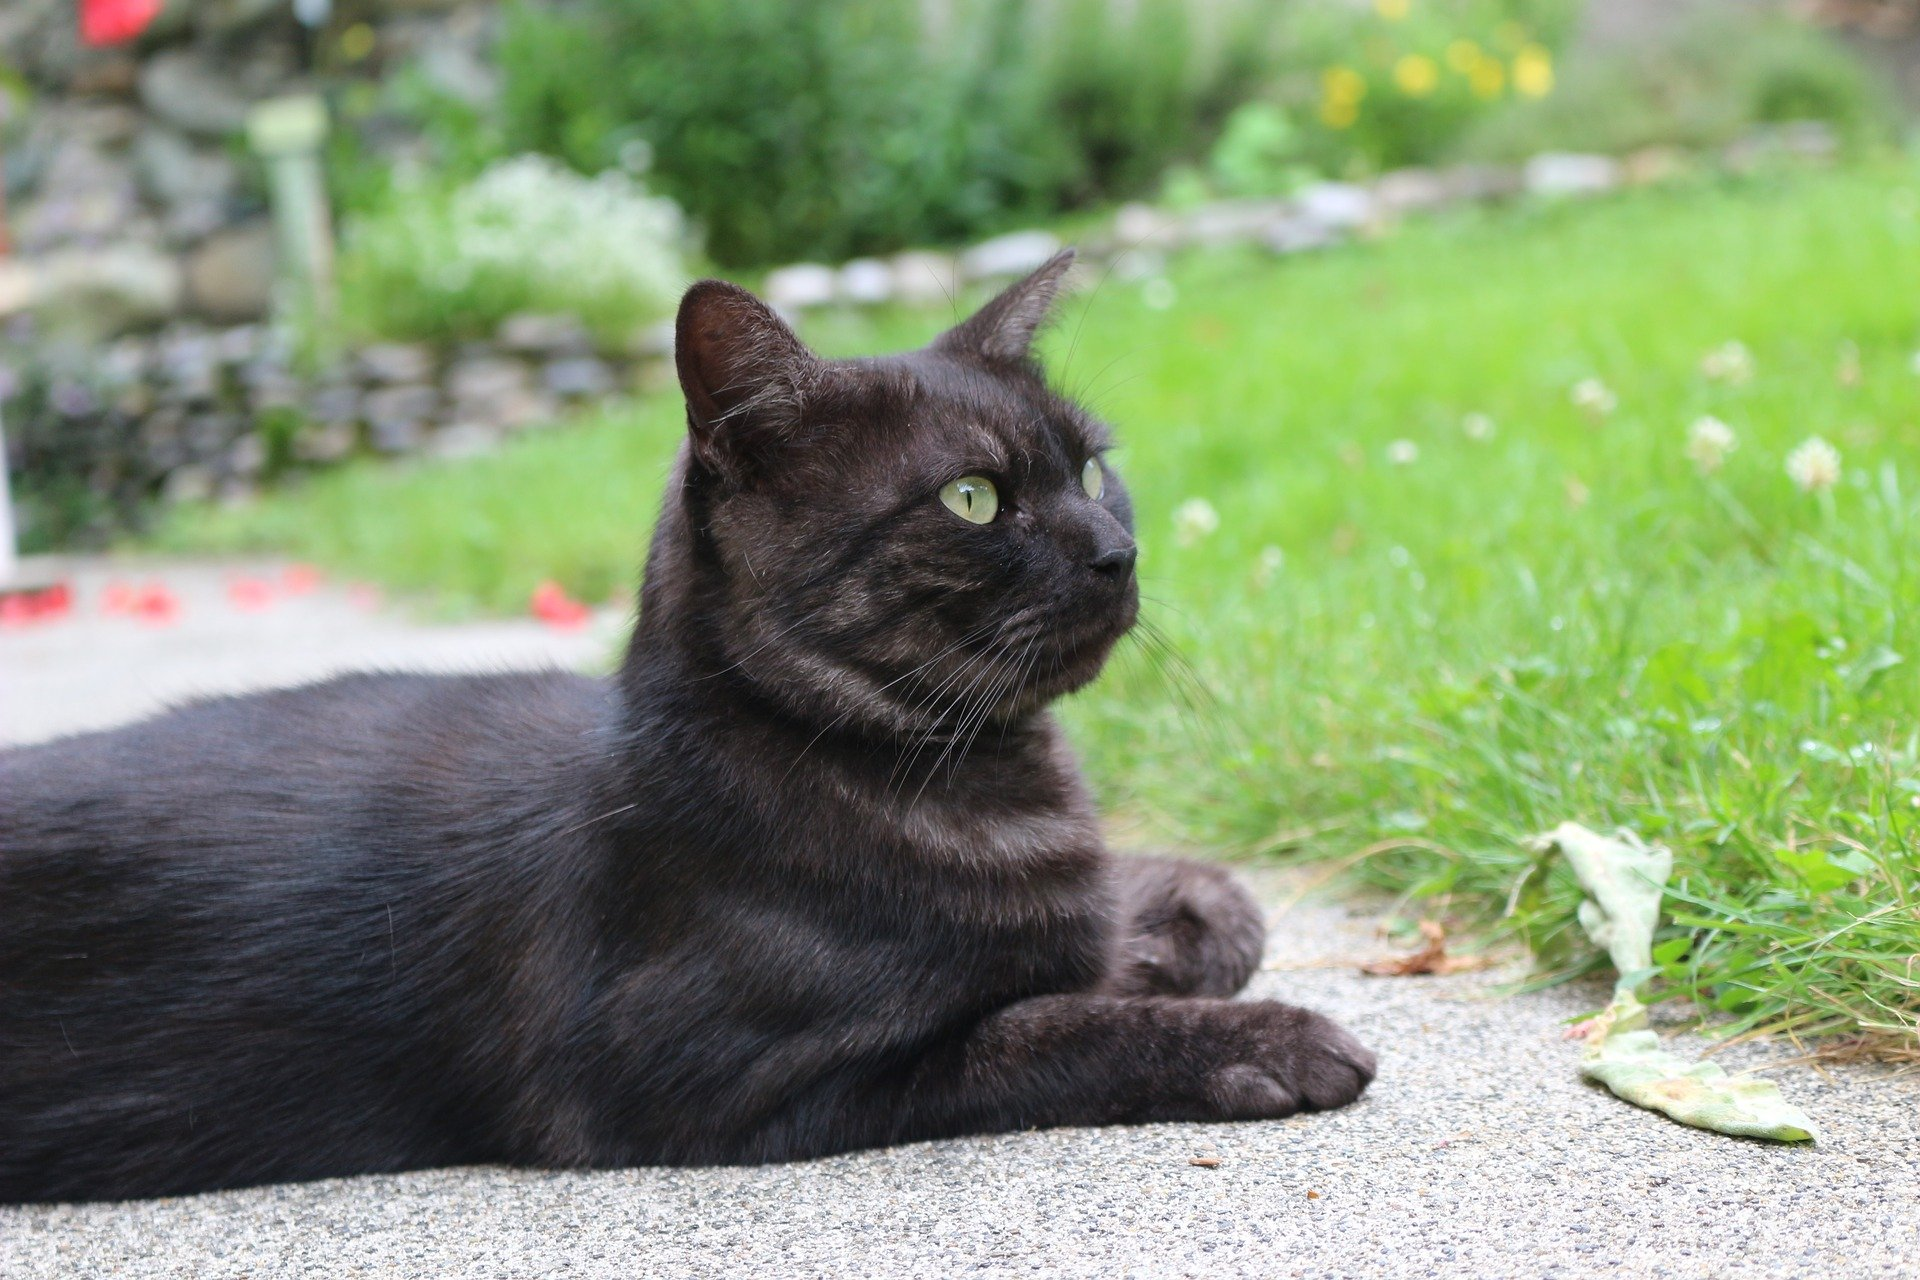 Baytril per gatto: quando usarlo e gli effetti collaterali